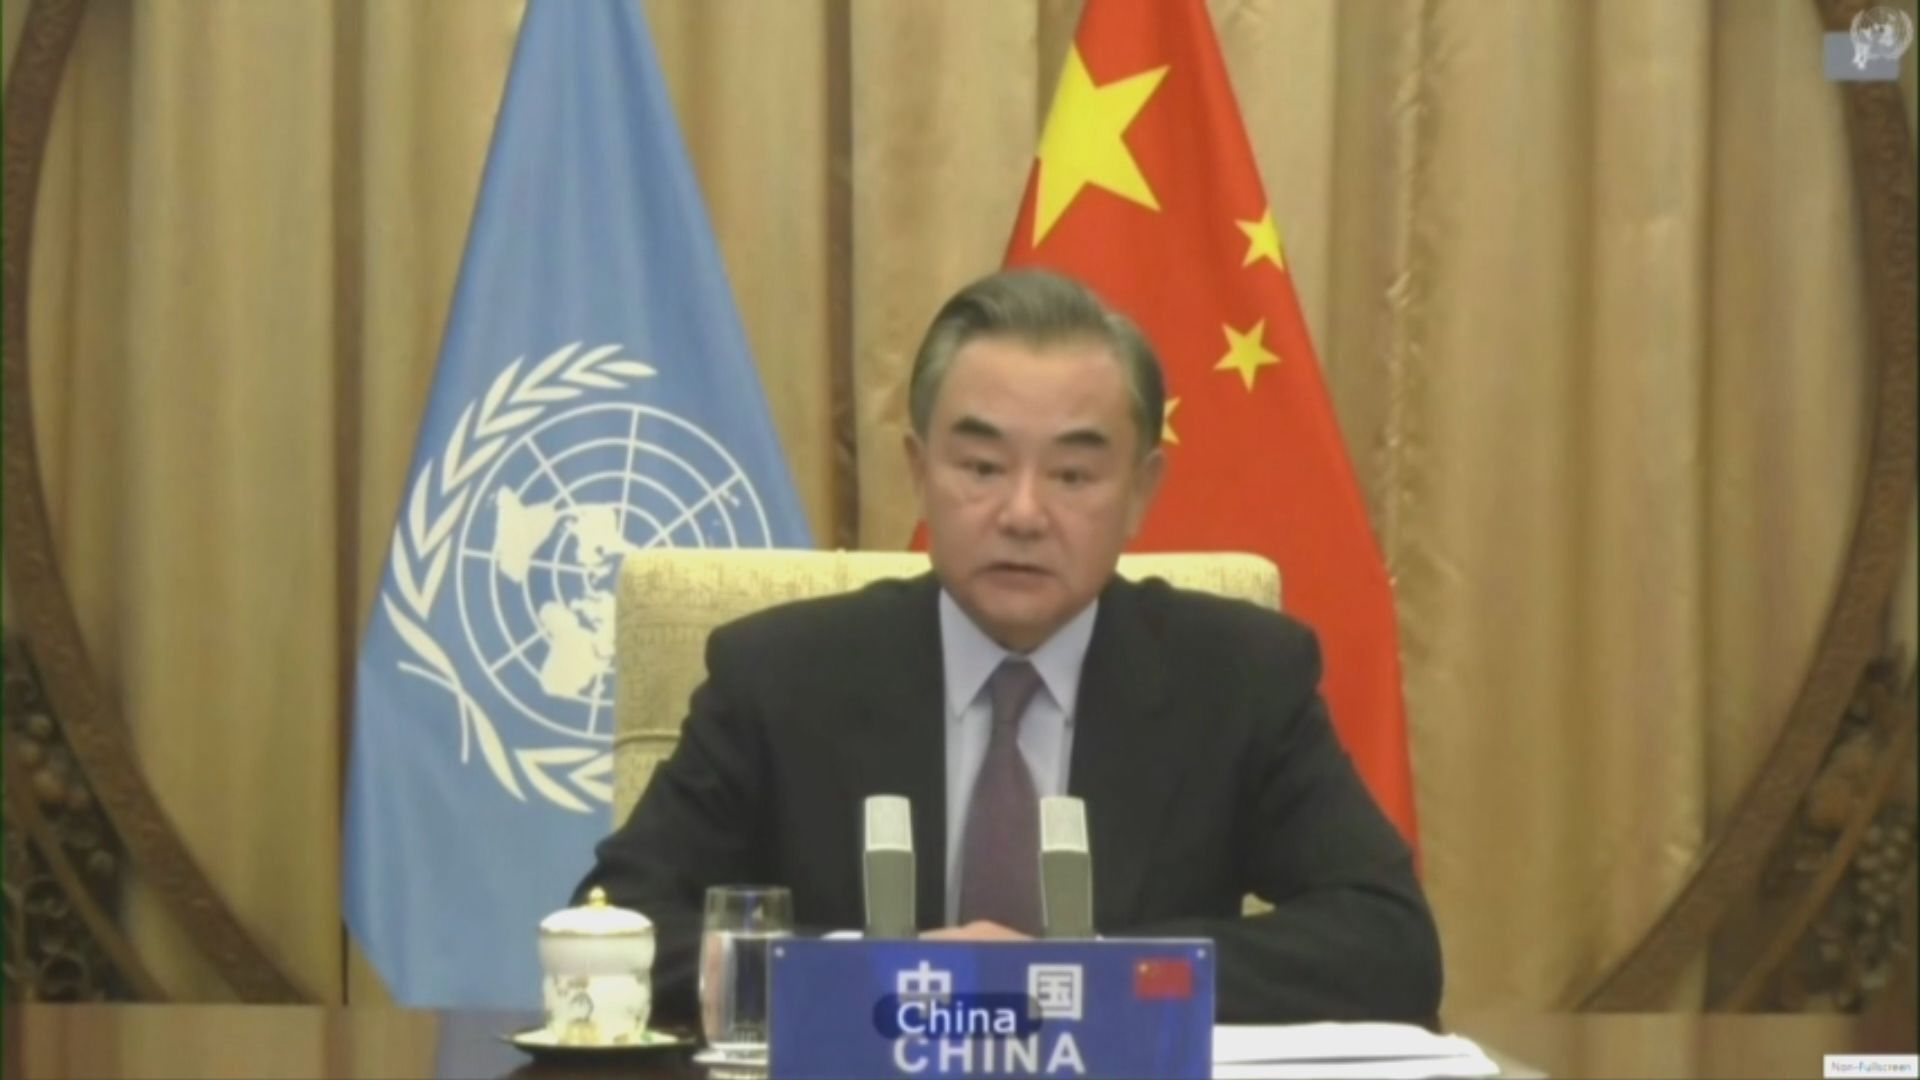 王毅:大國要摒棄冷戰思維和意識形態偏見